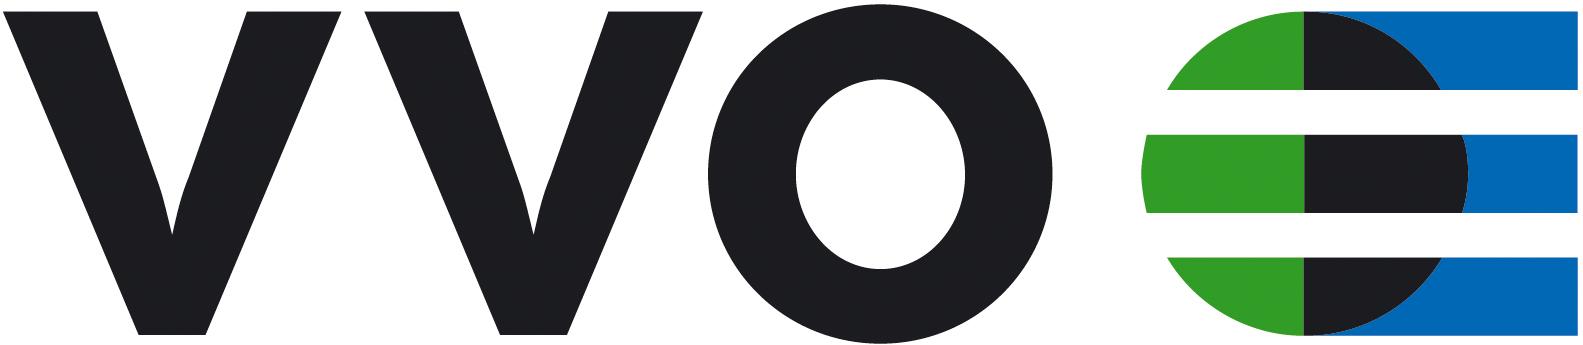 VVO B100 rgb